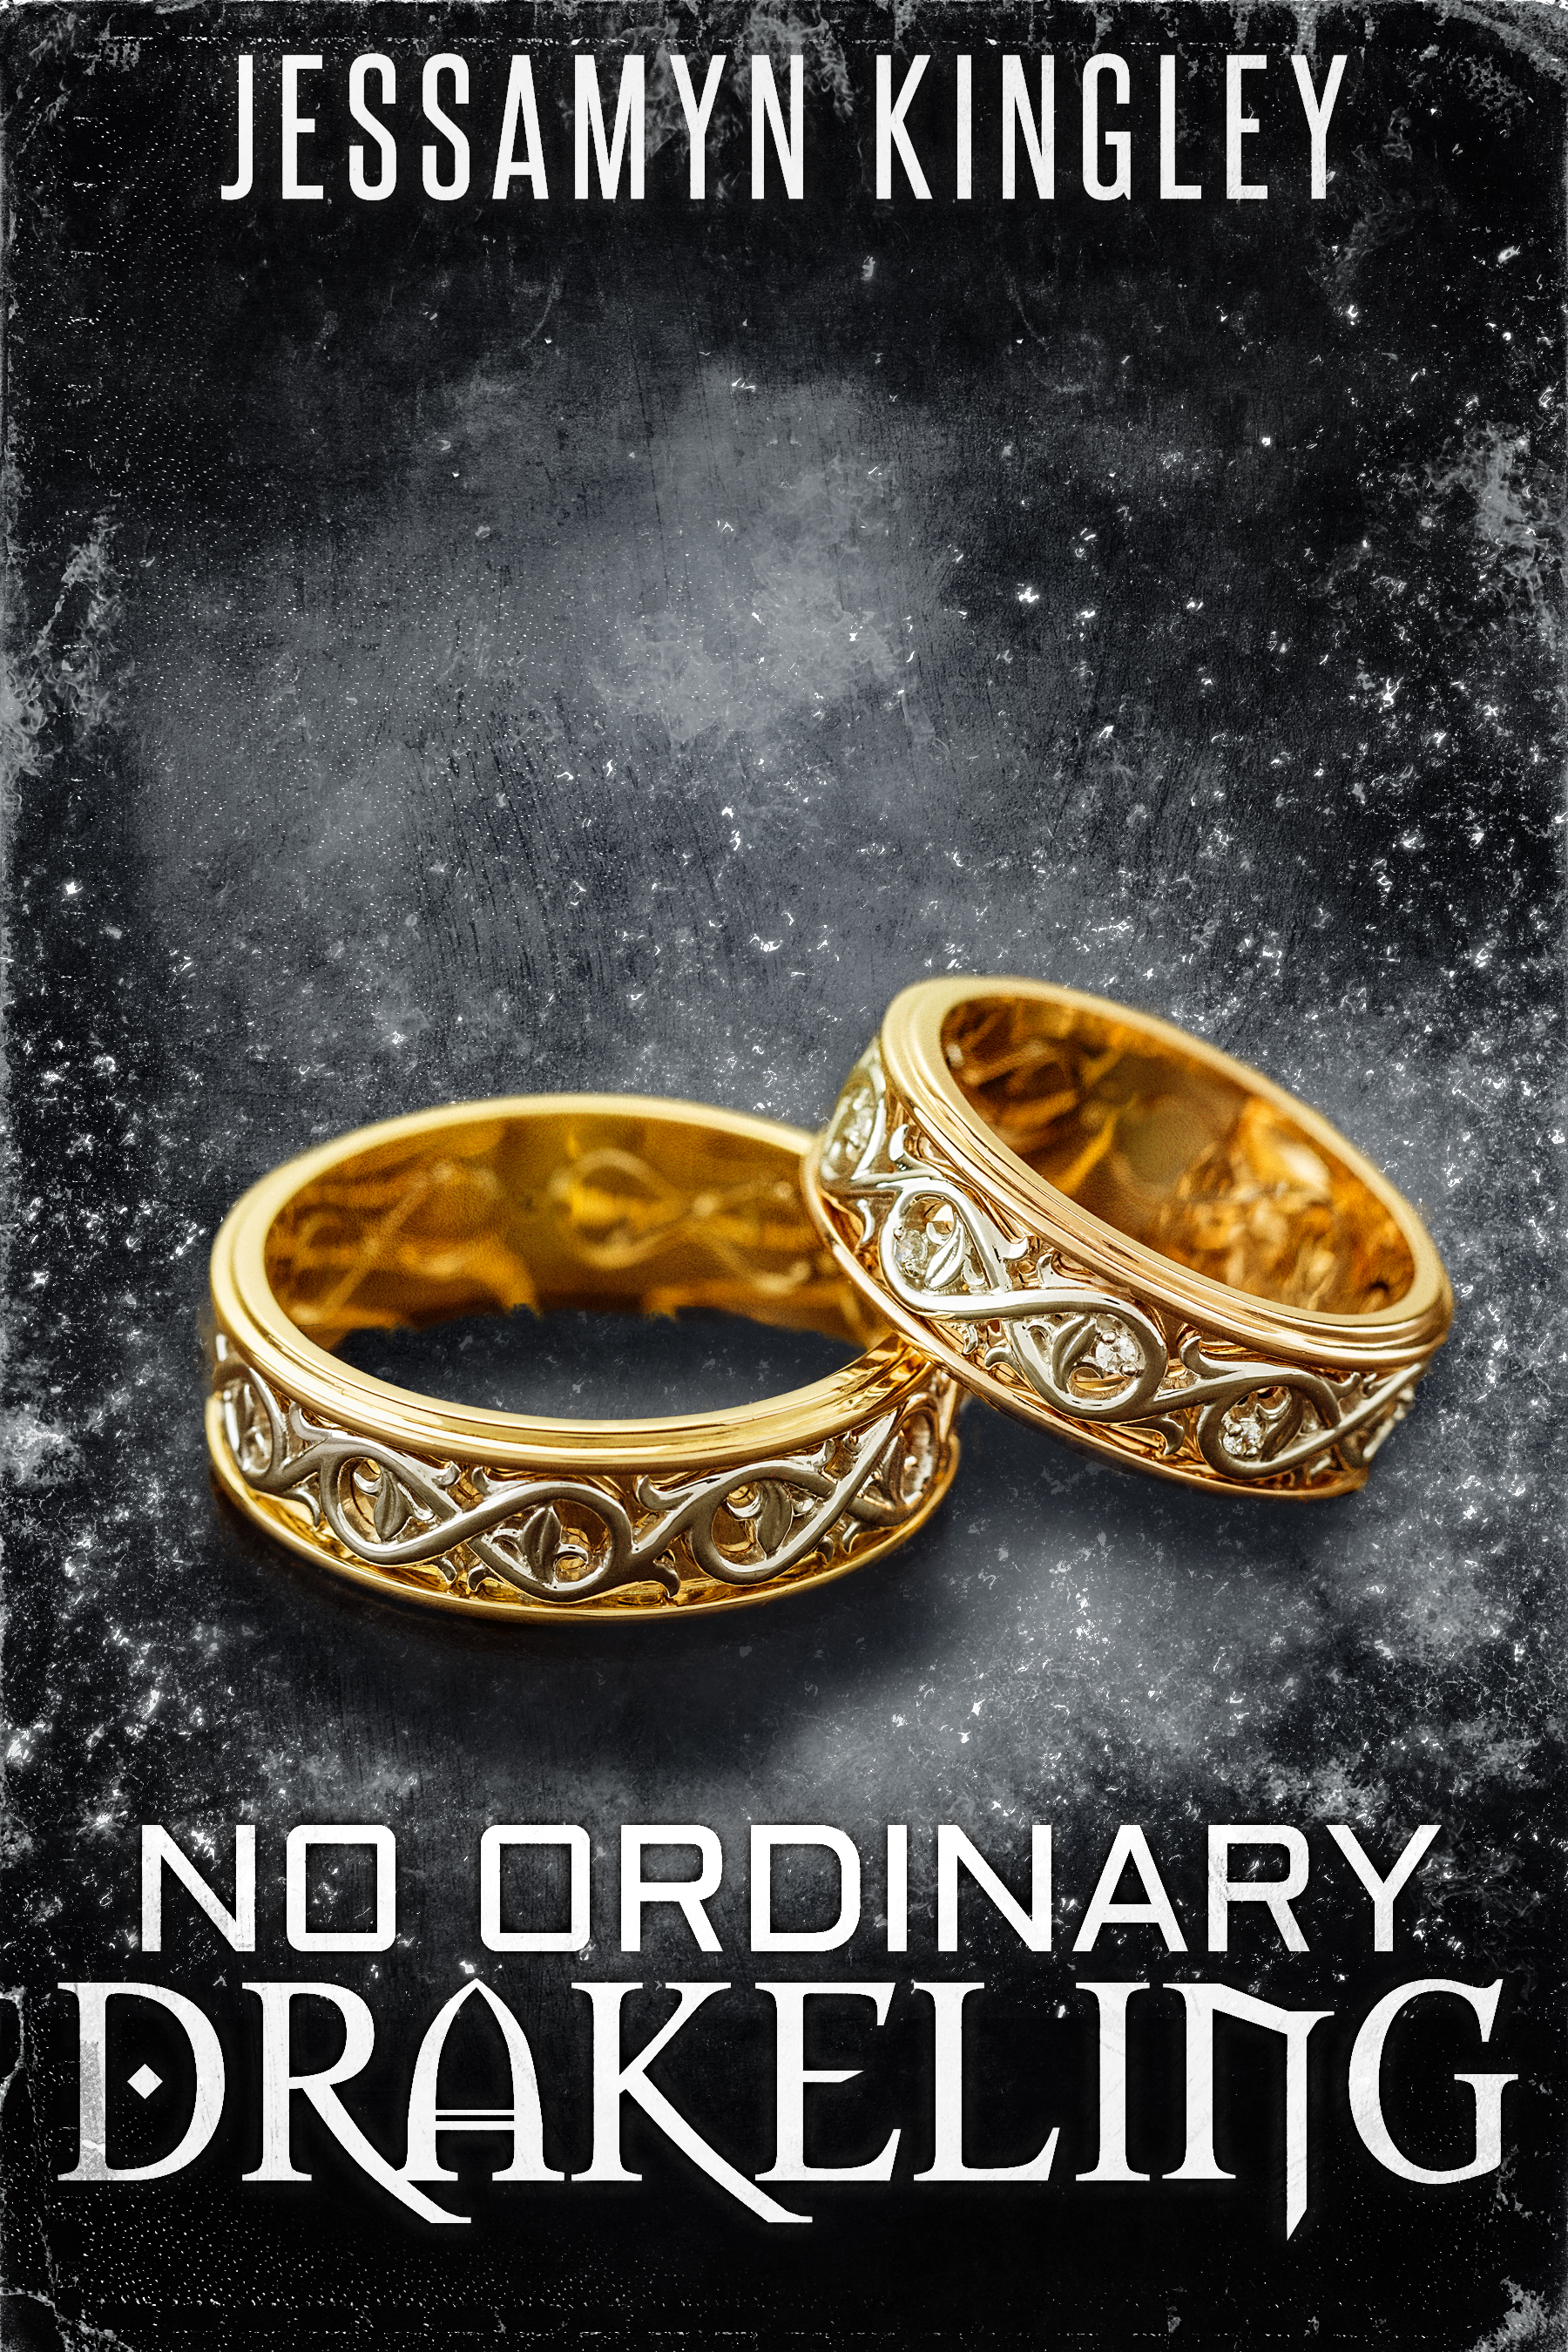 No Ordinary Drakeling